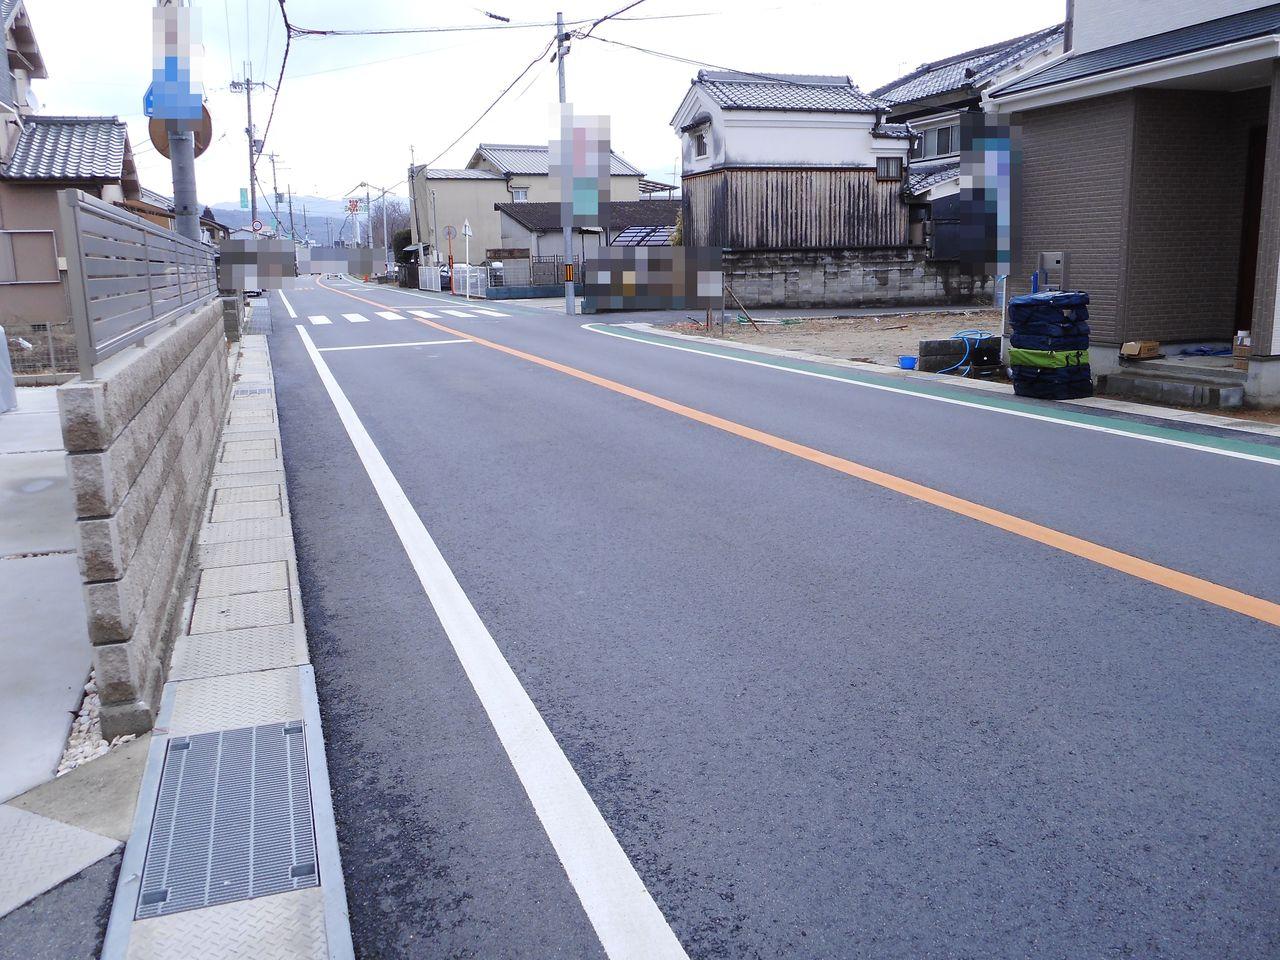 JR三輪駅まで徒歩10分。 芝運動公園徒歩7分の立地です。 イオン桜井店やコメリホームセンターへも お車で5分程度、お買い物は便利です。 (2018年2月撮影)